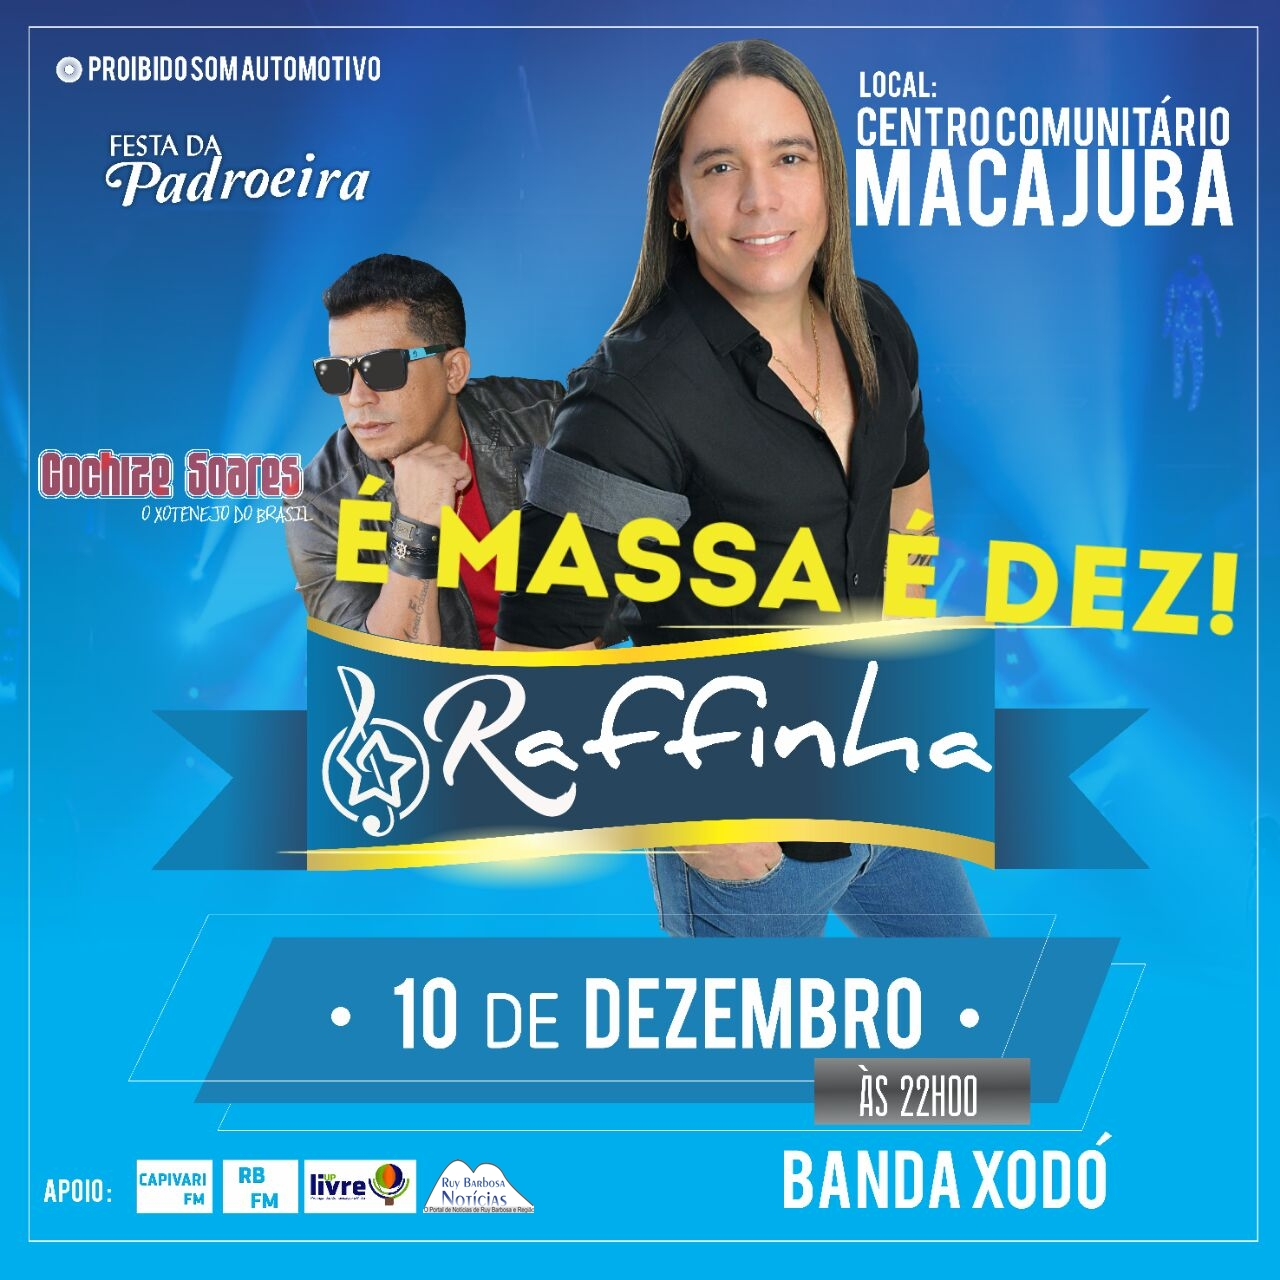 Ex Asas Livres na festa em homenagem a padroeira, a festa mais esperada de Macajuba 10 de dezembro